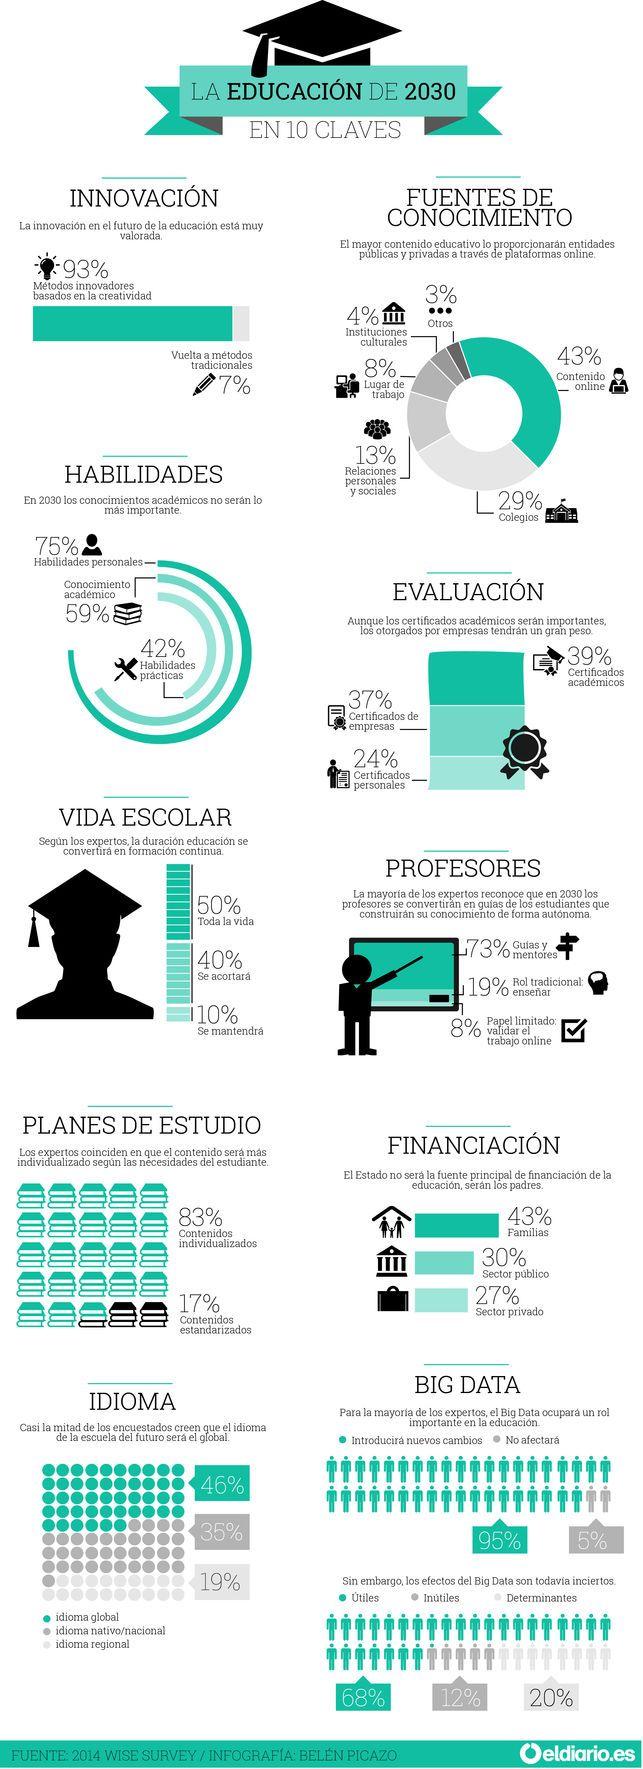 La educación del 2030 en 10 claves #educación #tendencia #umayor